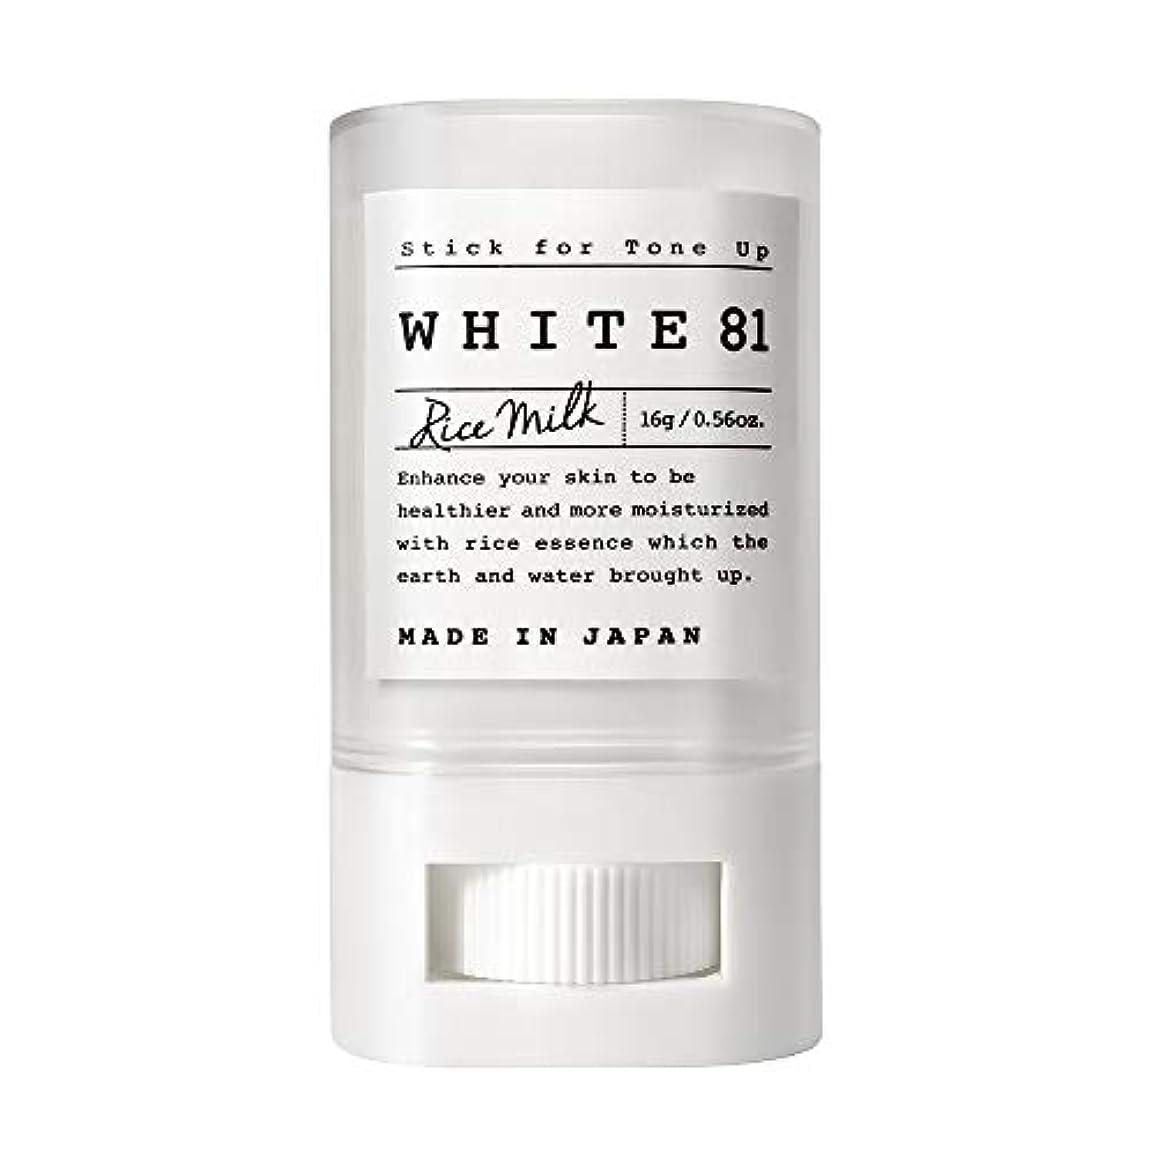 嘆願配置プラカードWHITE81 ホワイト81 トーンアップスティック(化粧下地?日焼け止め / SPF35?PA+++?ウォータープルーフ?複合保湿成分配合?肌に優しい6種のフリー / 日本製)